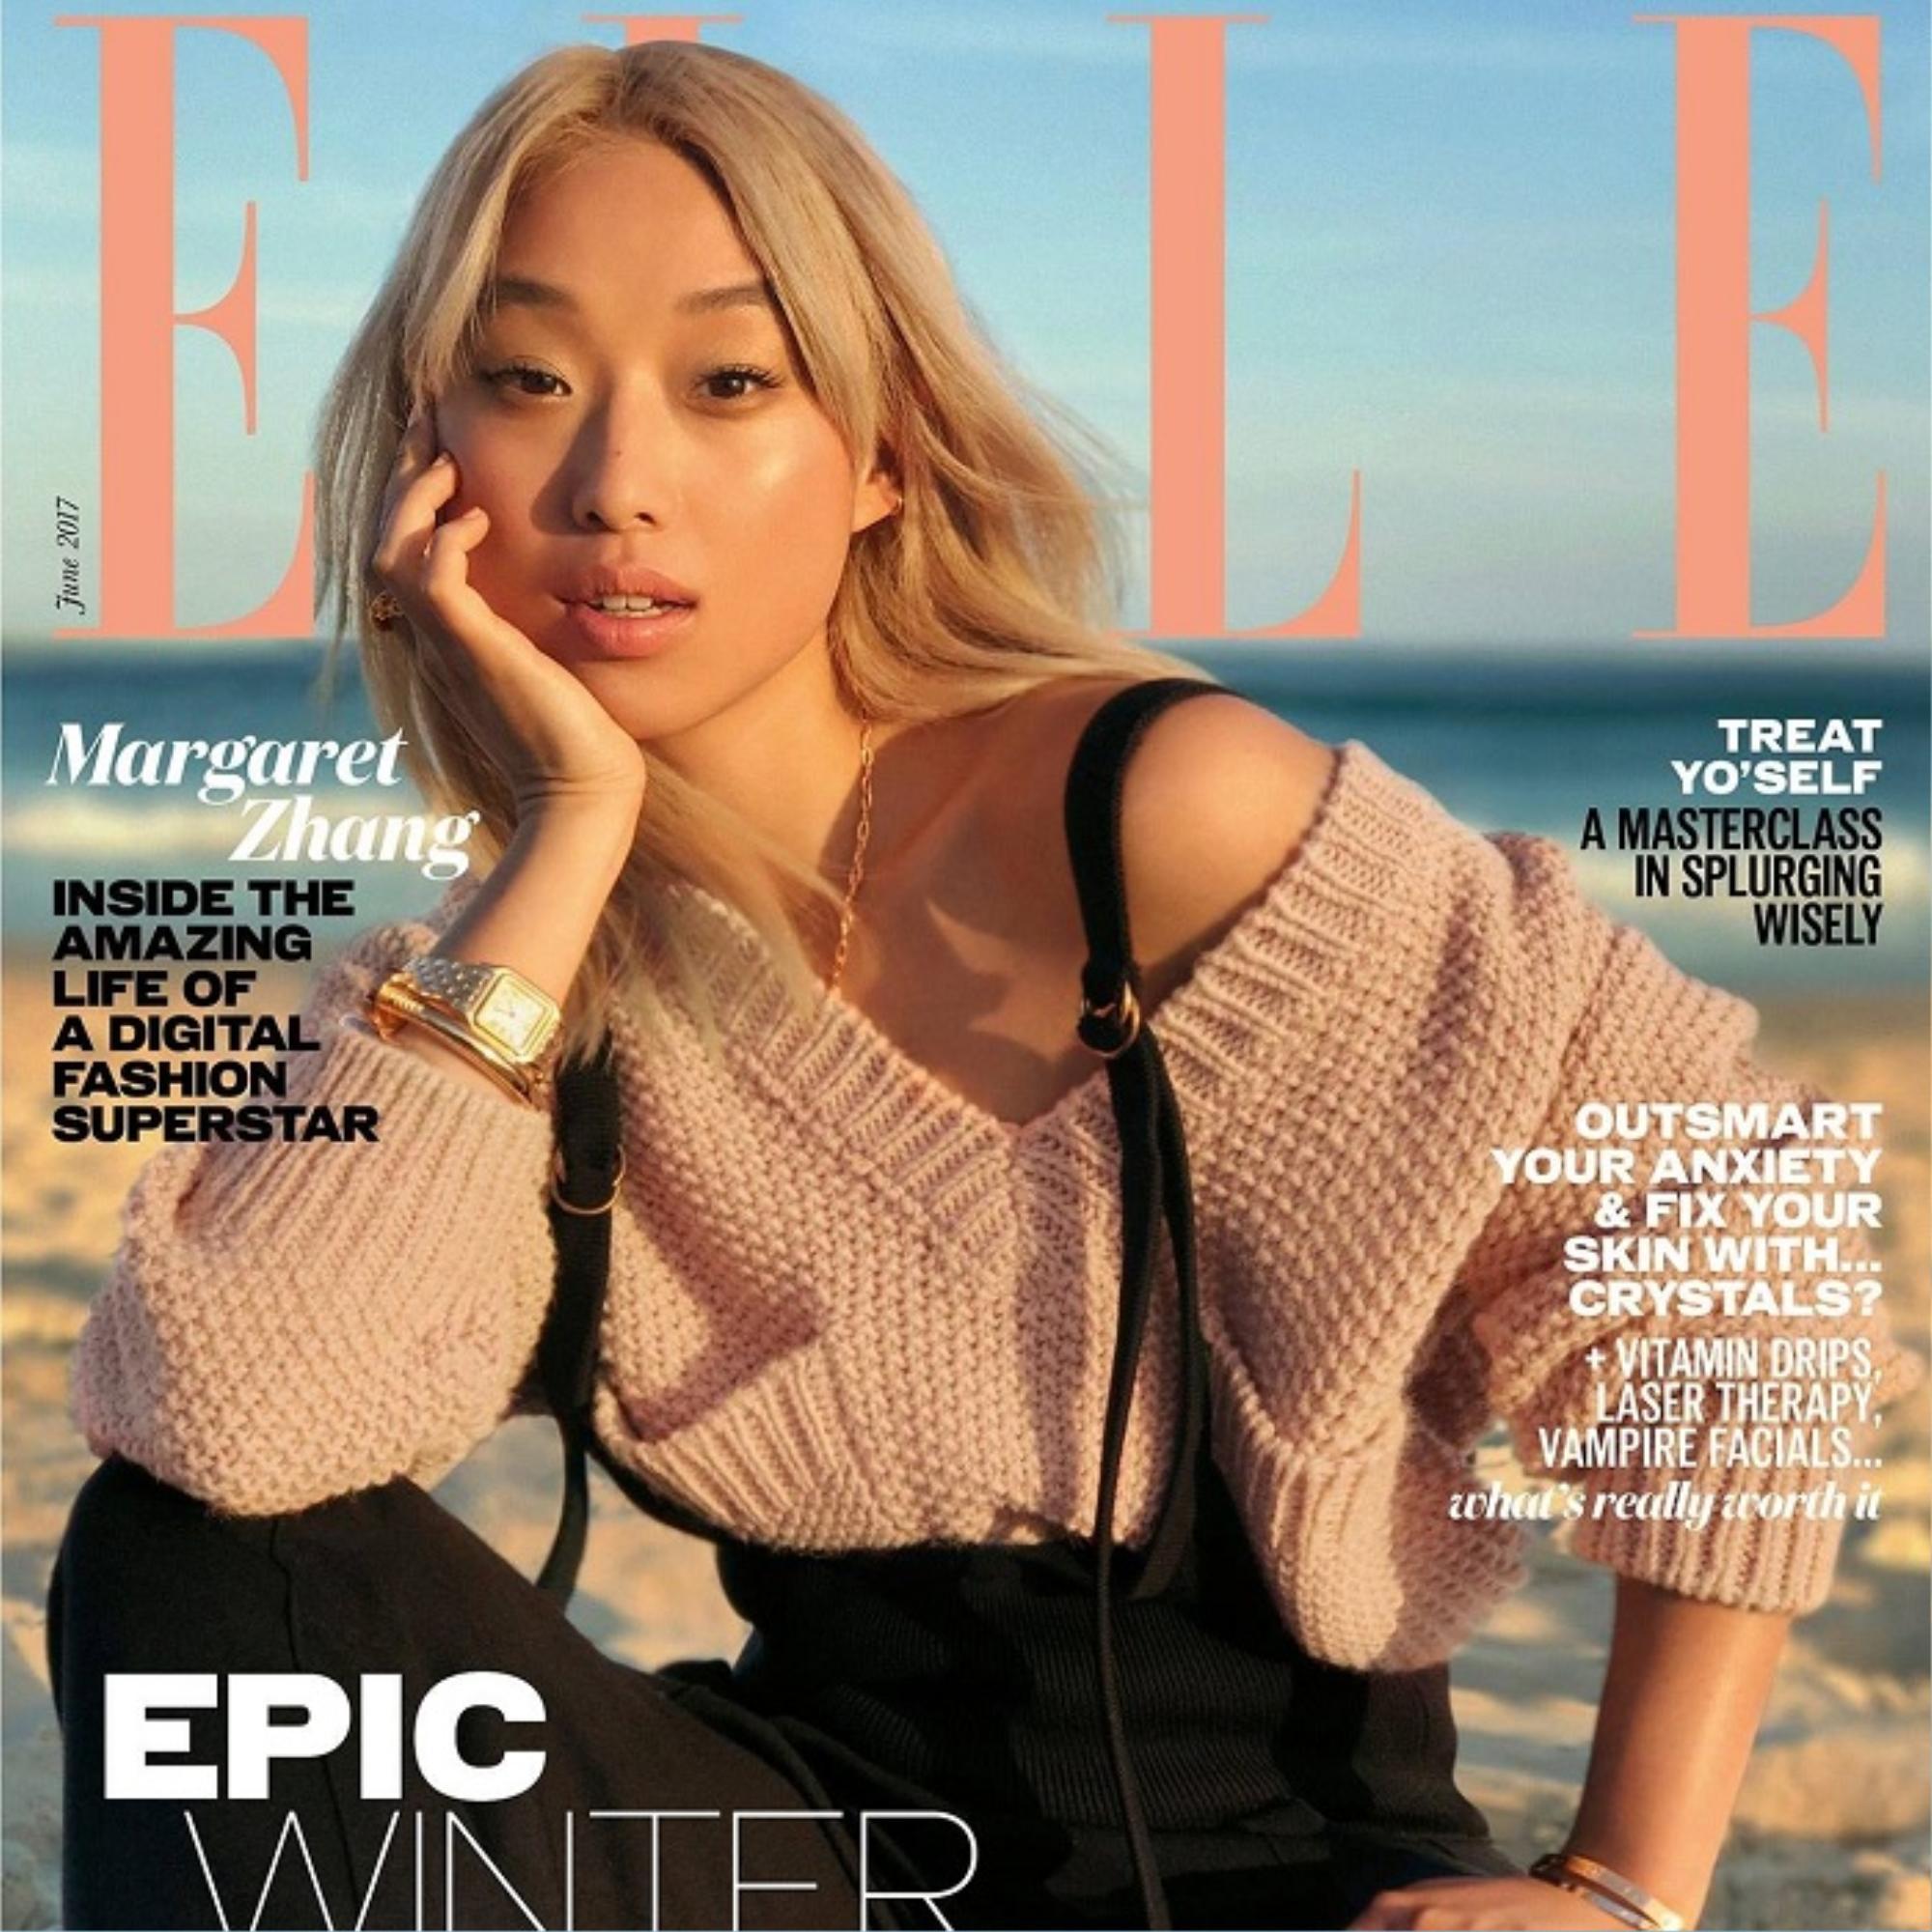 Chân dung Margaret Zhang - Tổng biên tập trẻ tuổi nhất của lịch sử tạp chí Vogue lẫy lừng Ảnh 11